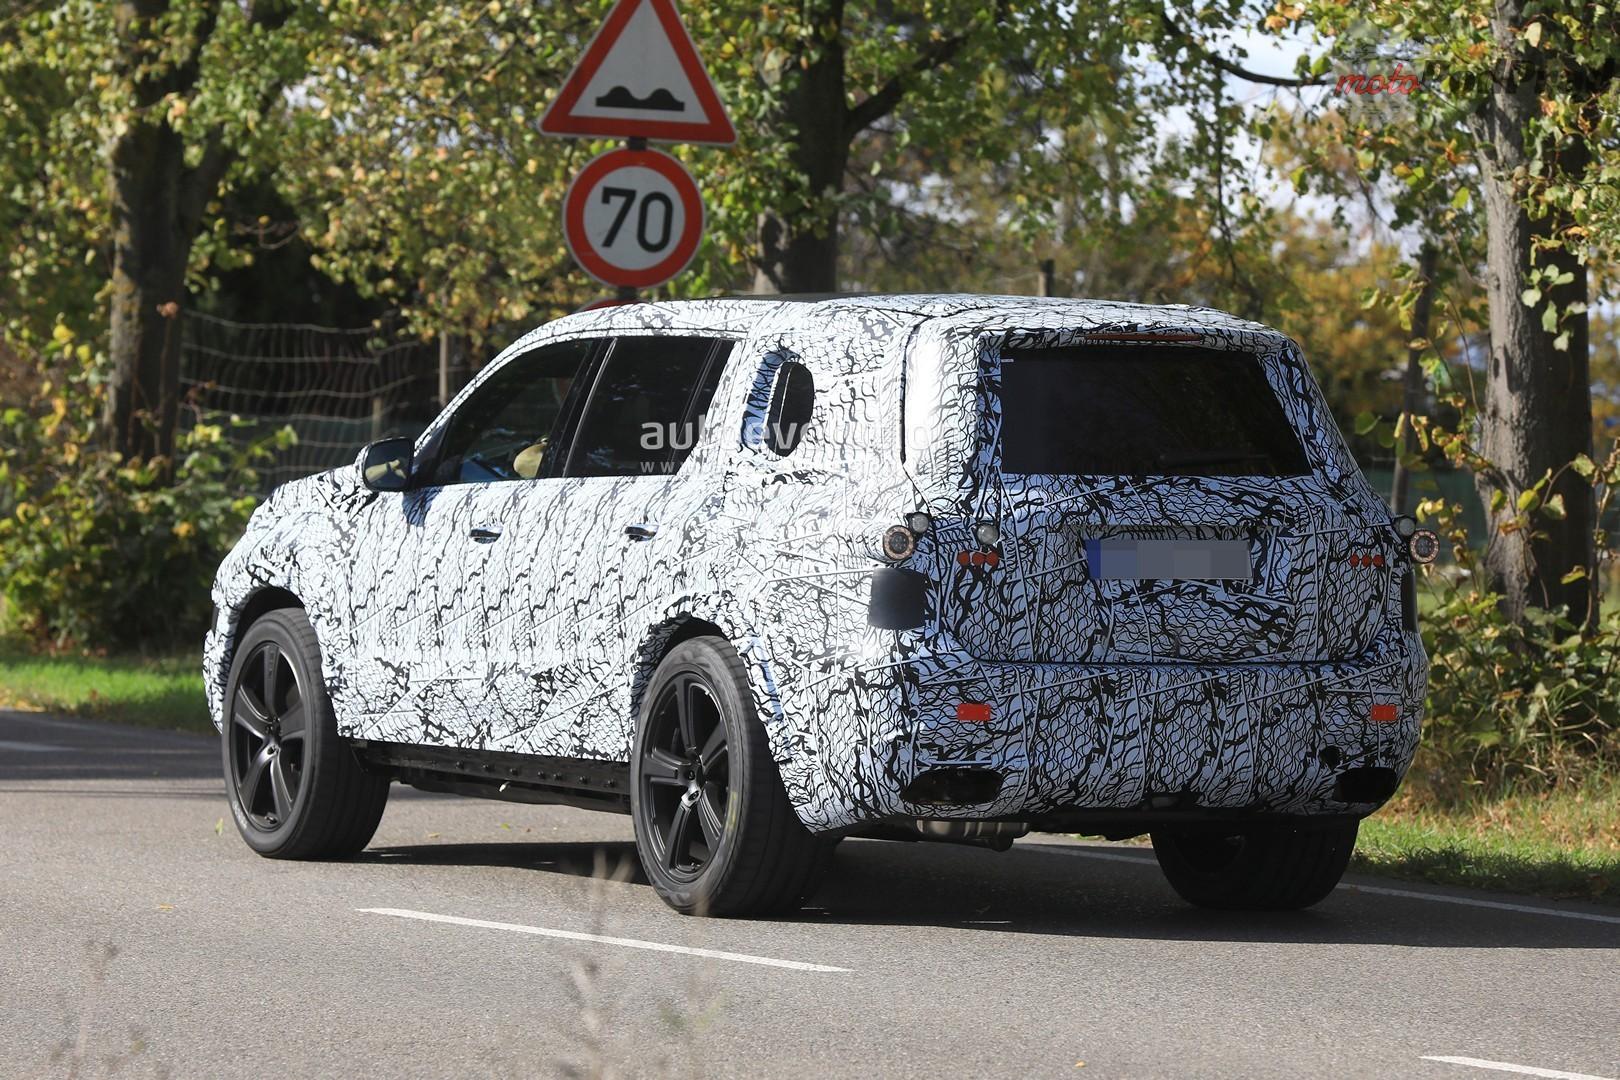 2019 mercedes benz gls stands out in mercedes benz suv convoy 11 Nowy Mercedes GLS nadchodzi